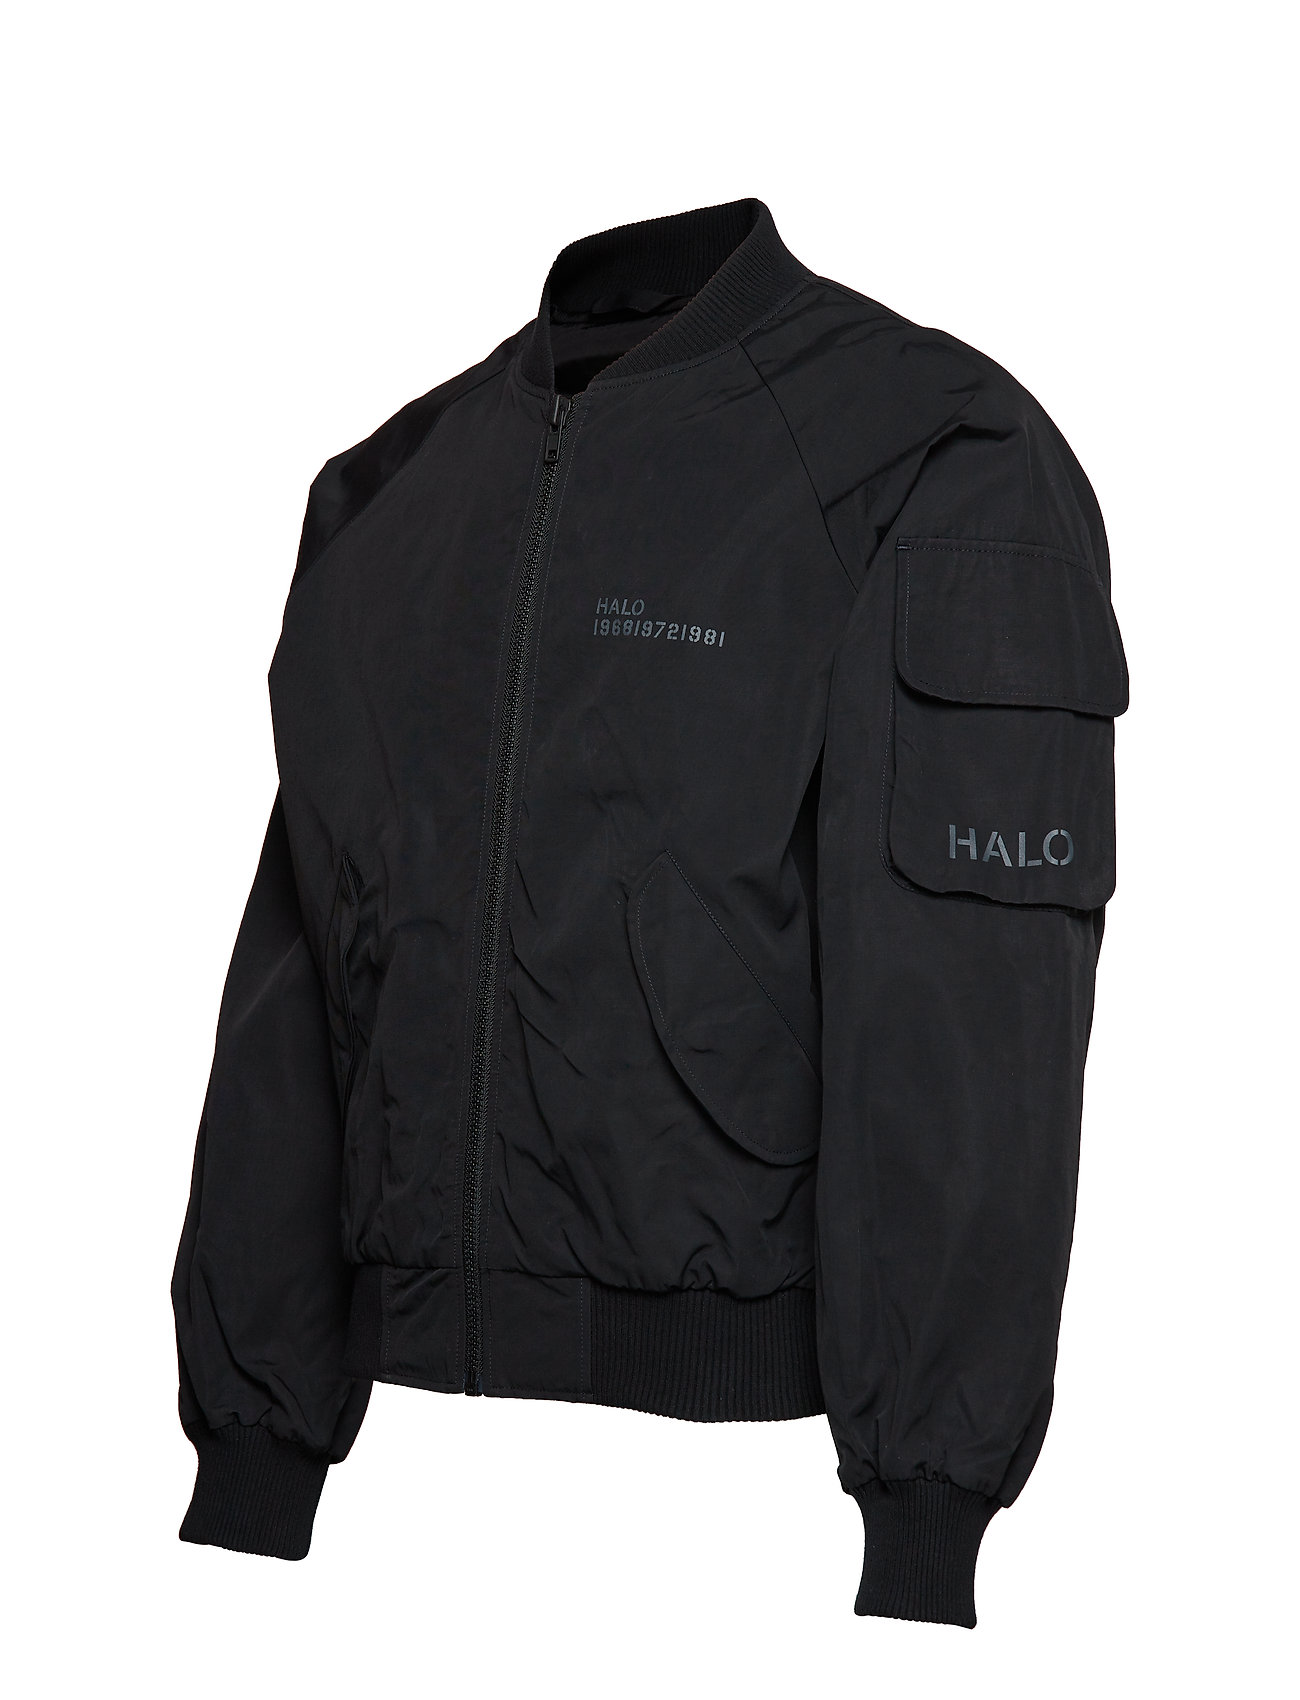 Halo Halo Bomber Jacketblack Jacketblack Bomber Halo Bomber Jacketblack Jacketblack Halo Halo Bomber Bomber qzMUVjpSGL